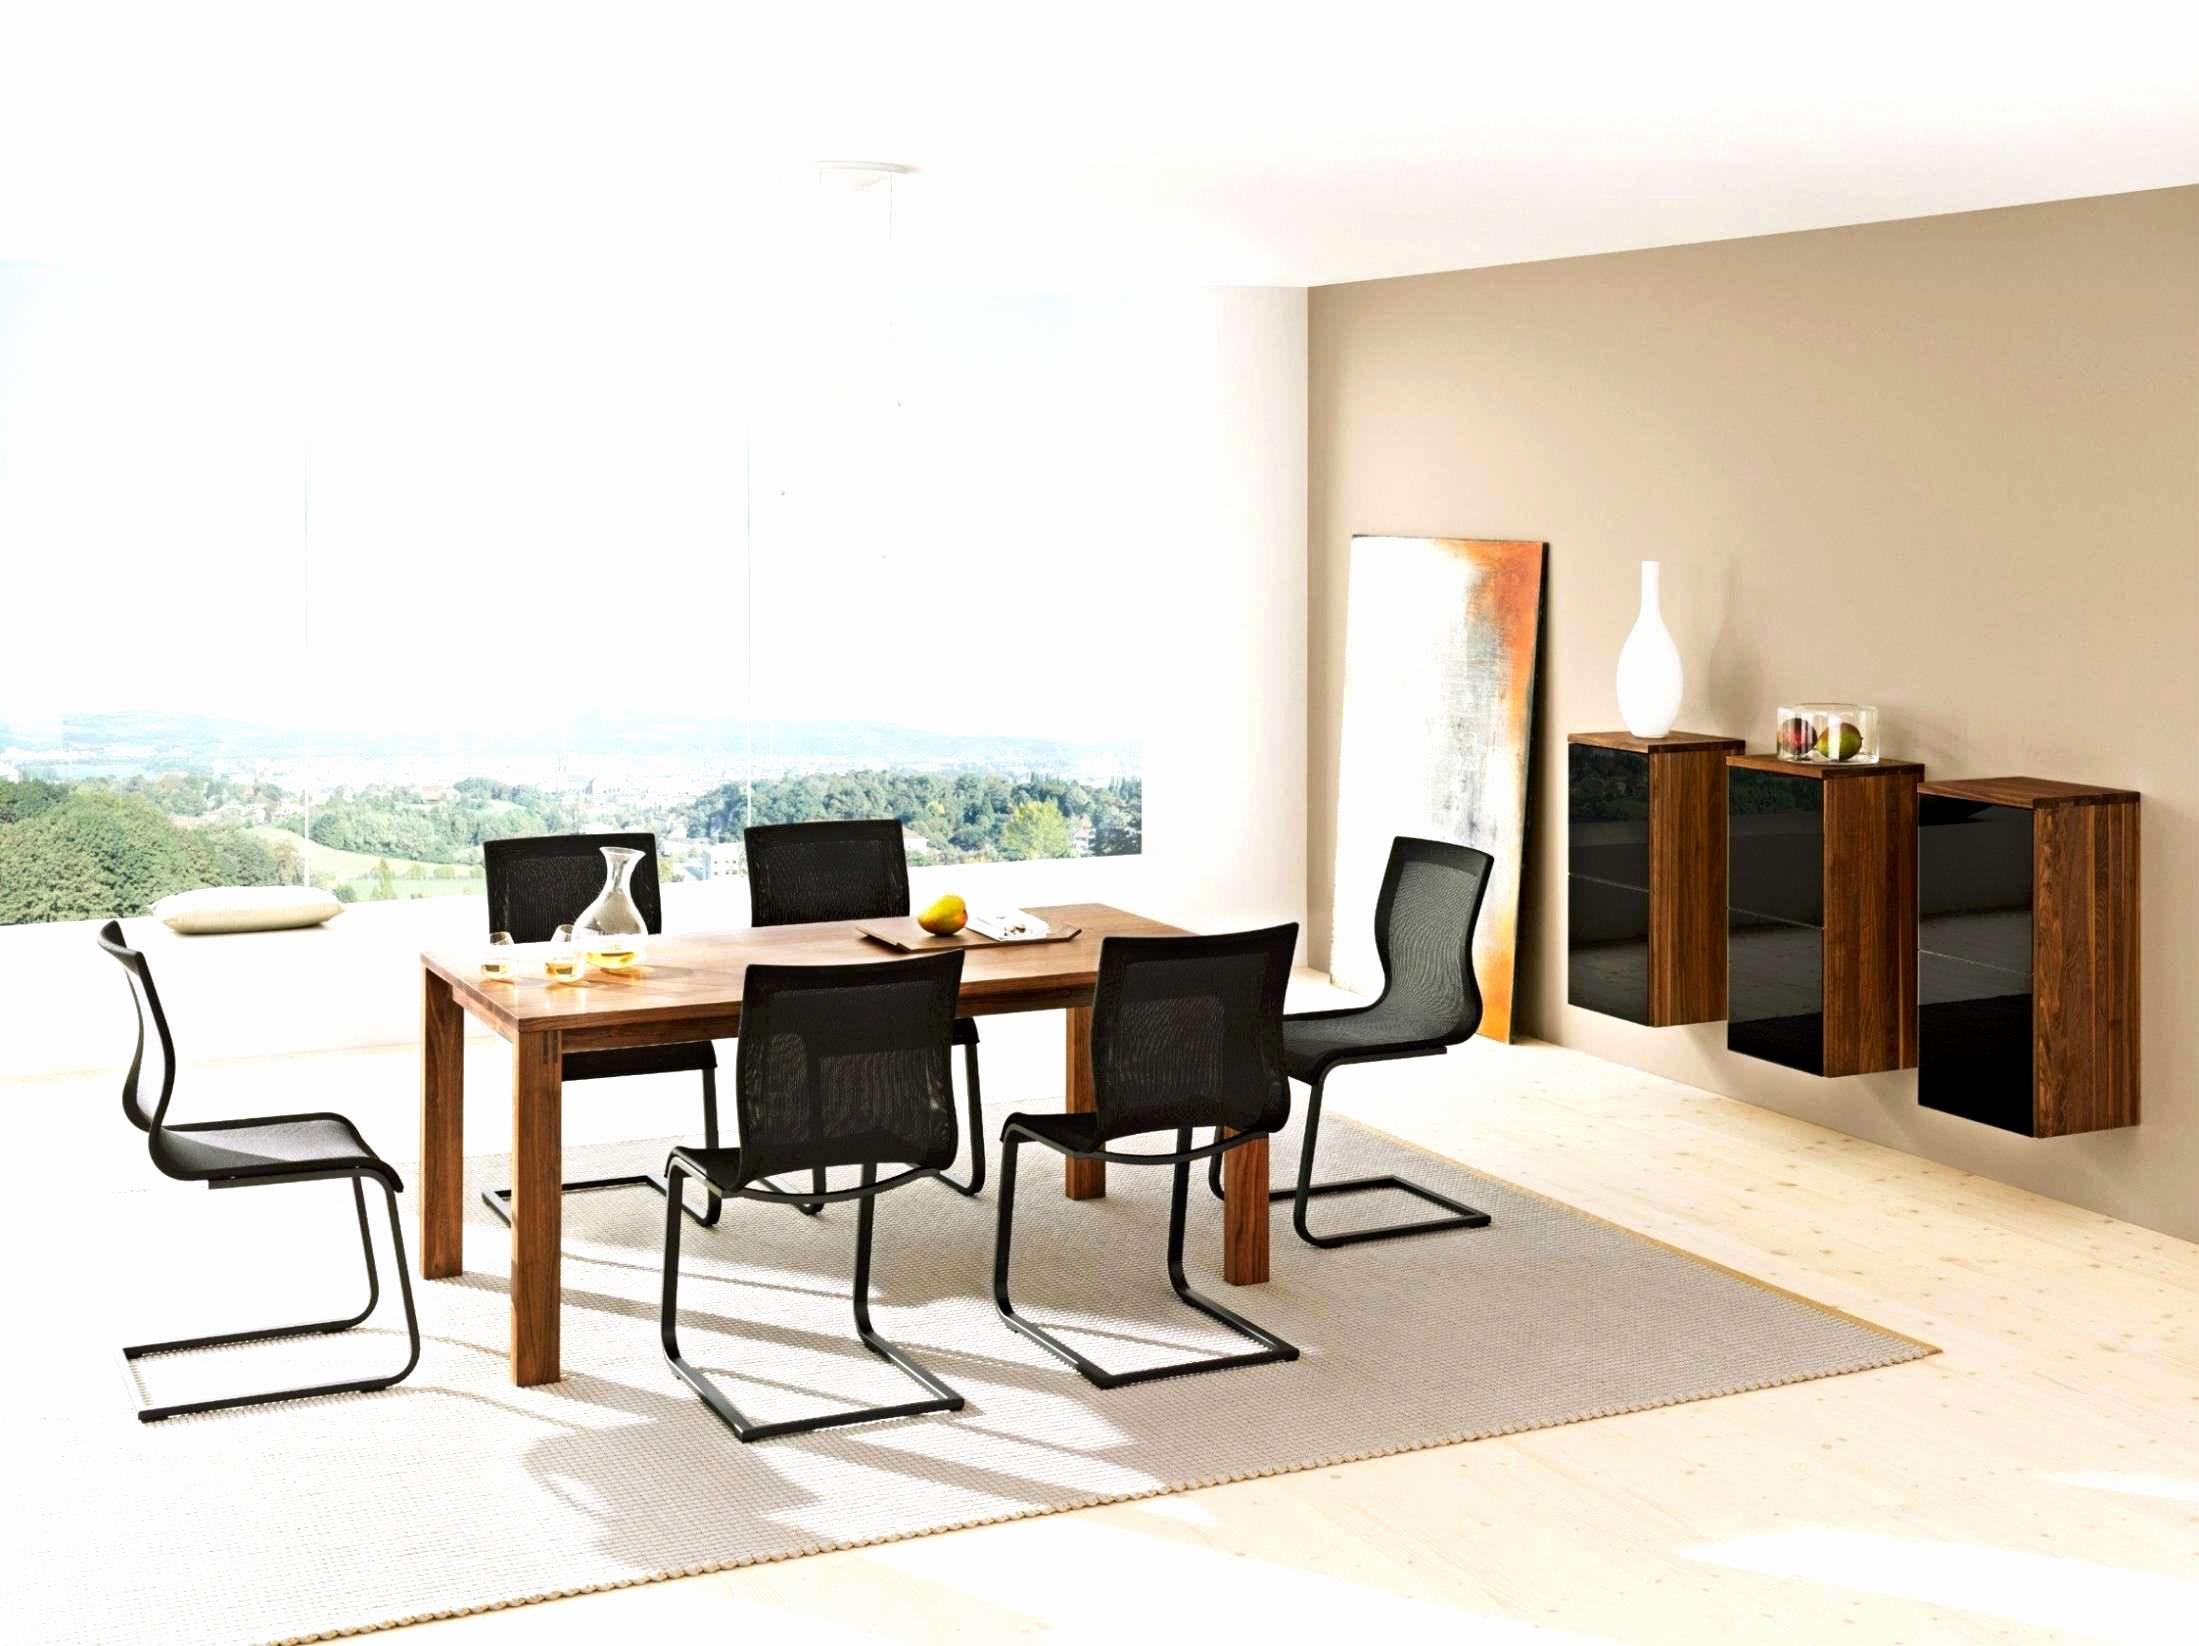 stehlampen wohnzimmer luxus wohnzimmer anbauwand luxus nachttischlampe wand 0d design of stehlampen wohnzimmer